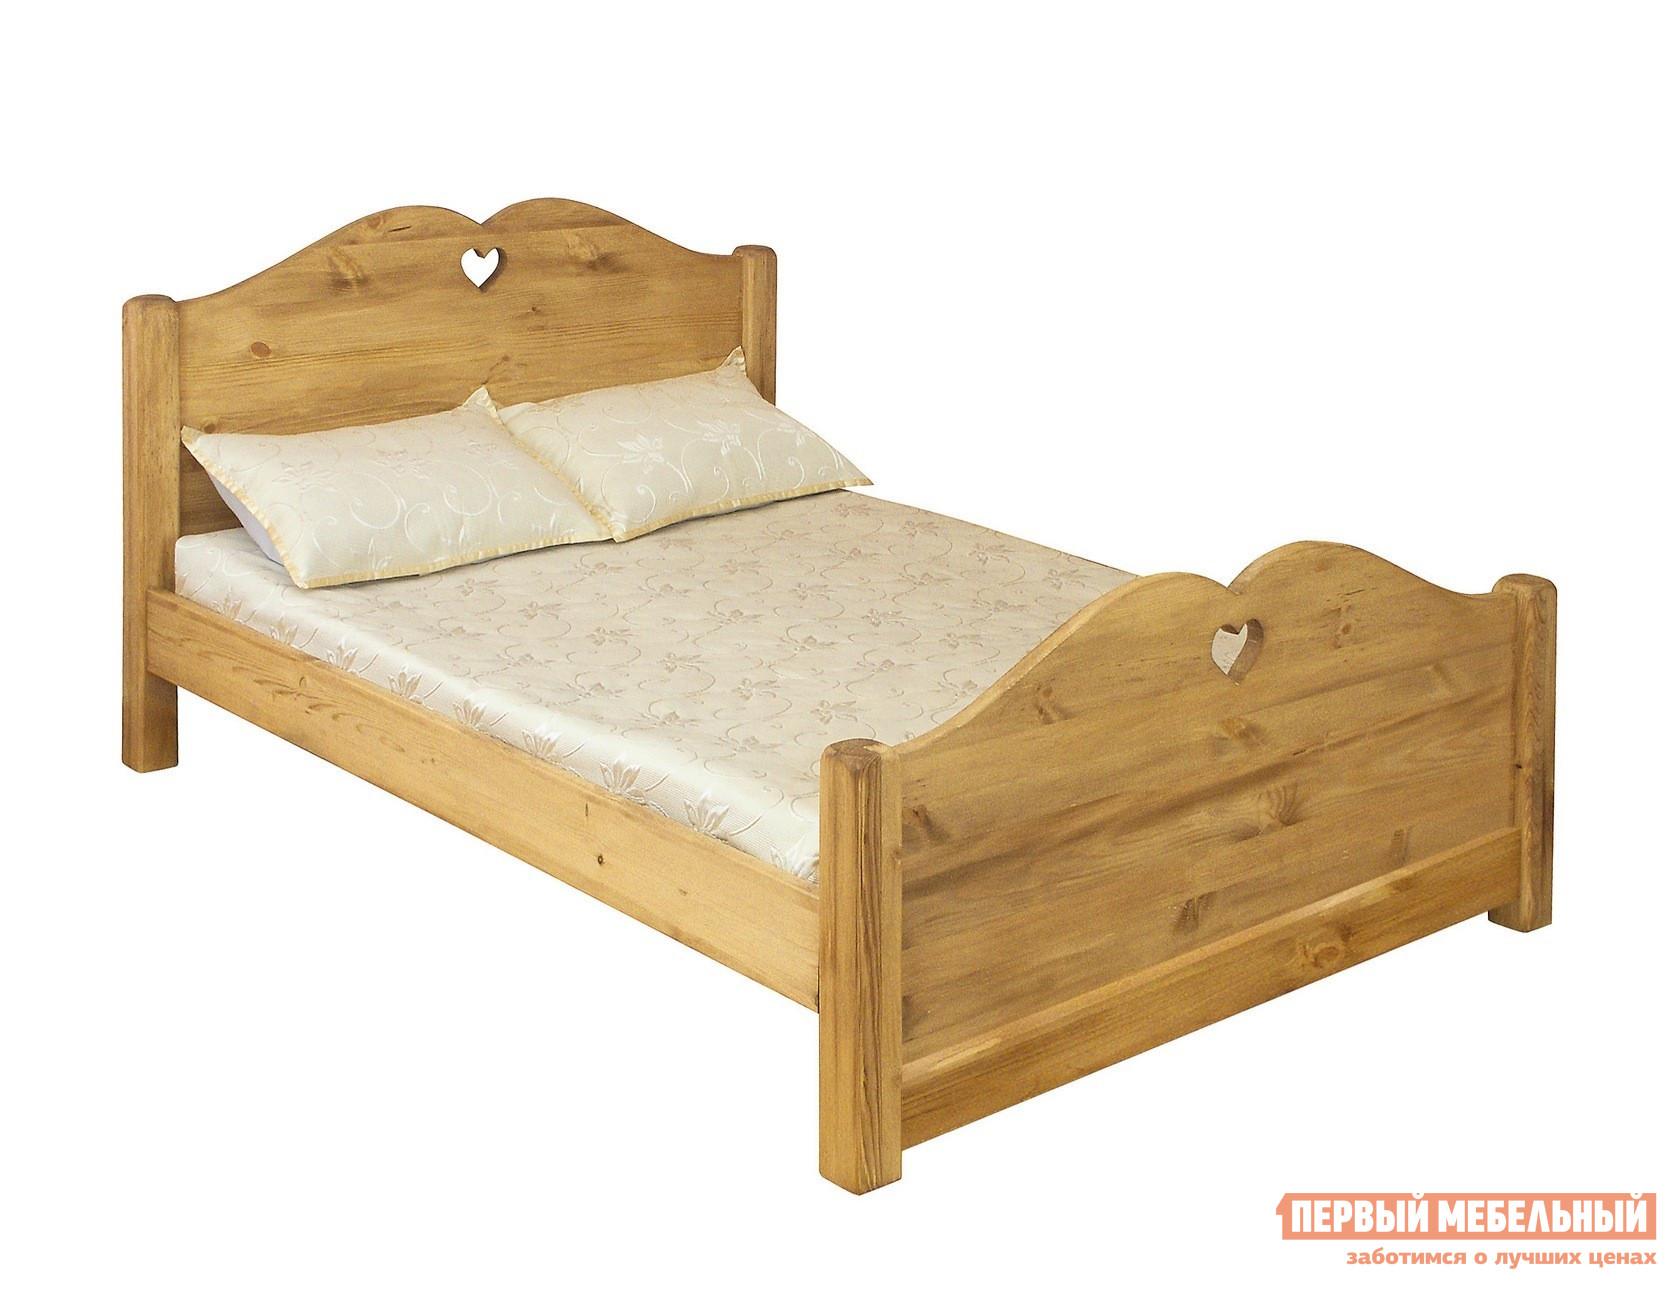 Двуспальная кровать из массива дерева Волшебная сосна LIT COEUR 140 (LCOEUR 140) / LIT COEUR 160 (LCOEUR 160) кровать из массива дерева wang yi